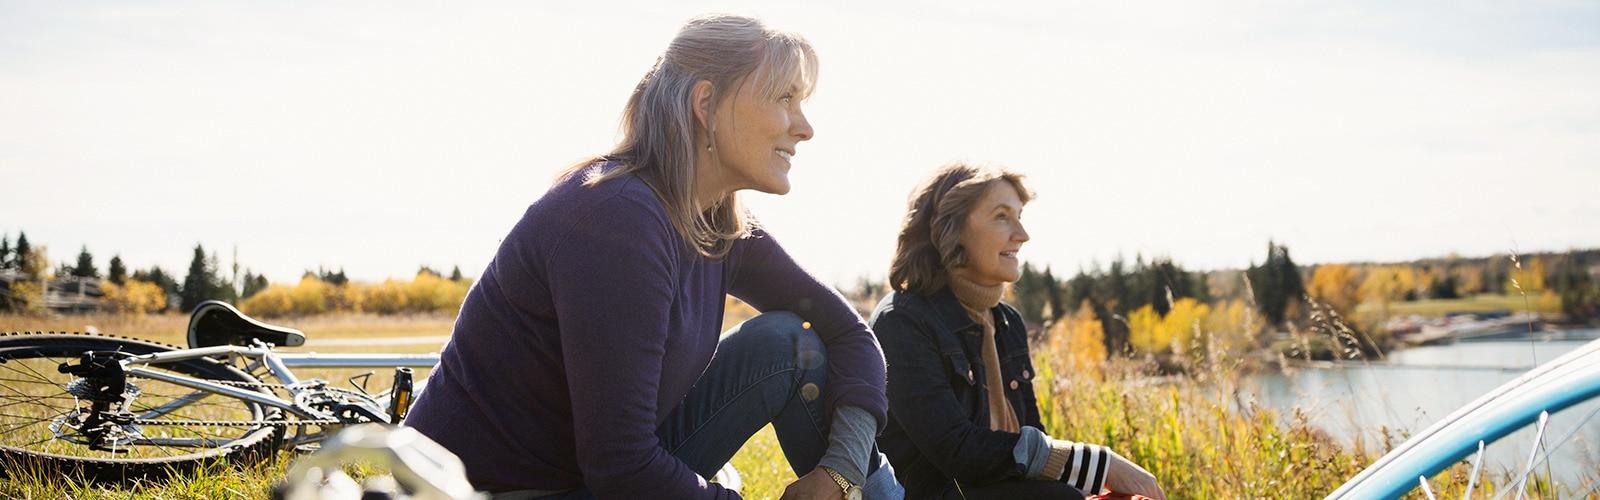 Zwei Frauen mit Fahrrädern sitzen im Gras und entspannen in der Sonne